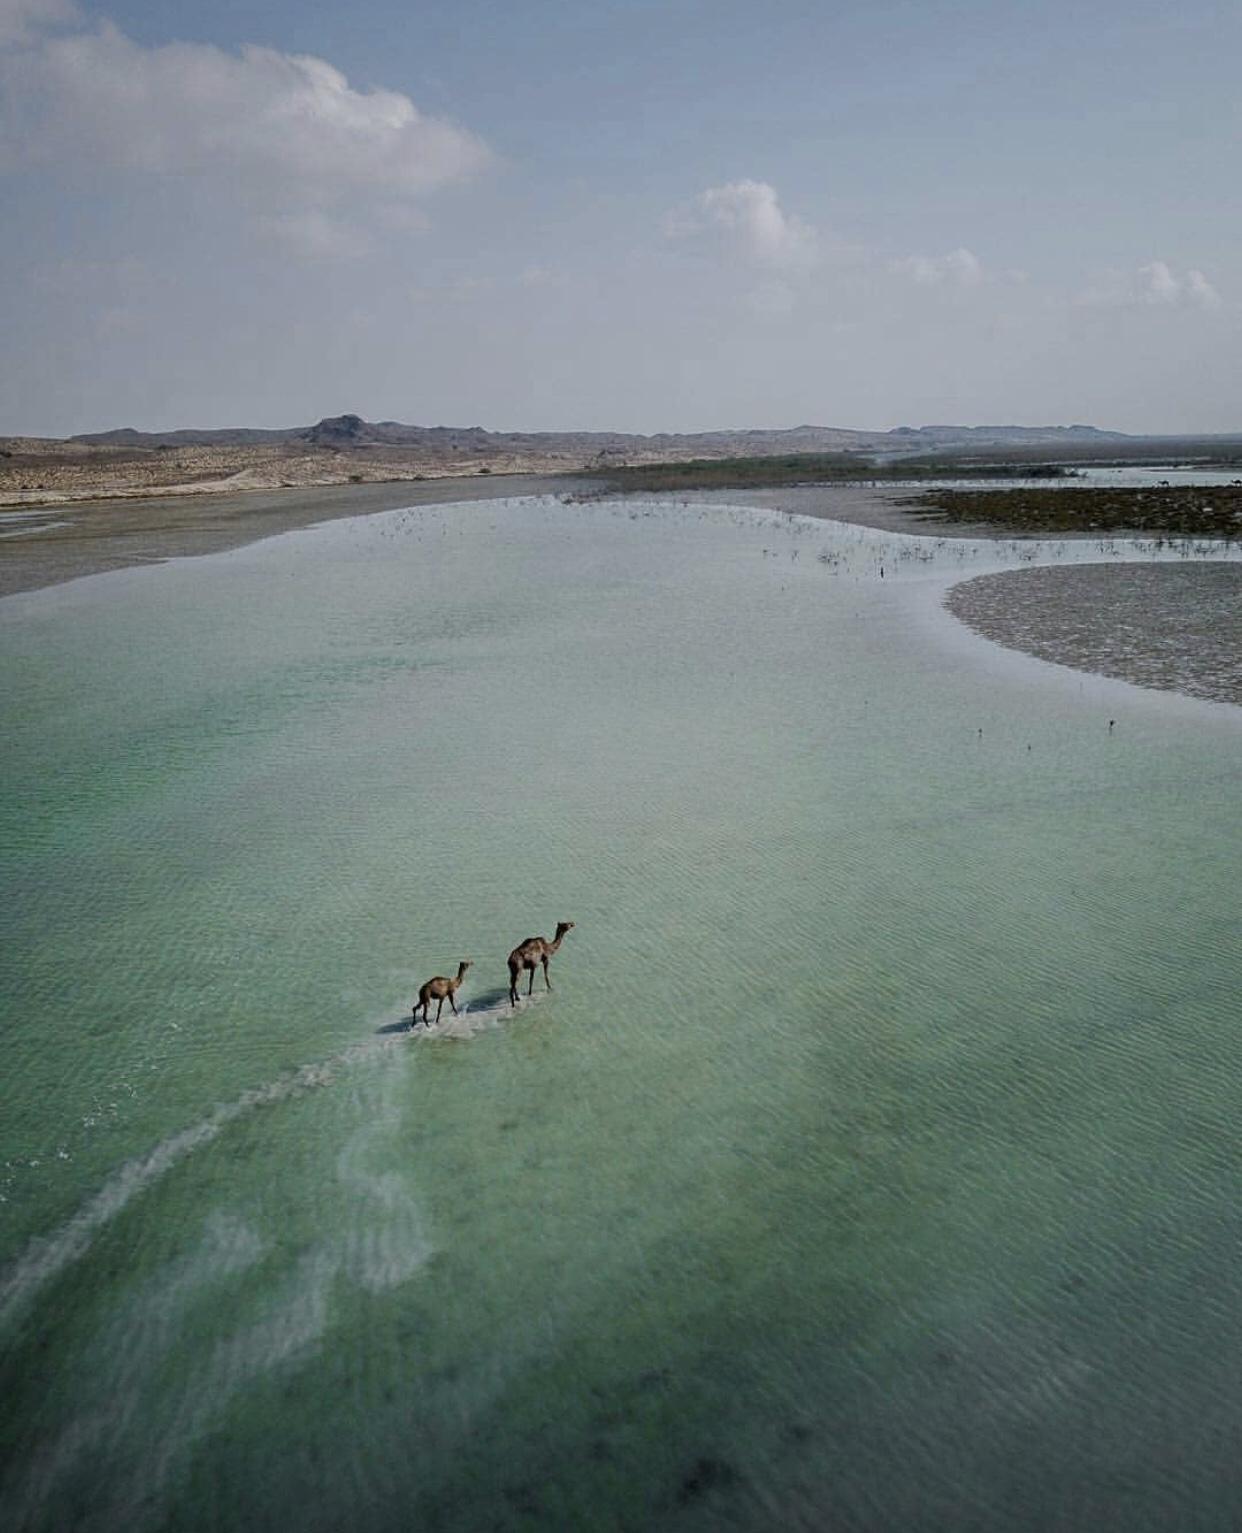 عدسة إيرانية: شواطئ ايران على المحيط الهندي، سيستان بالوشستان 3